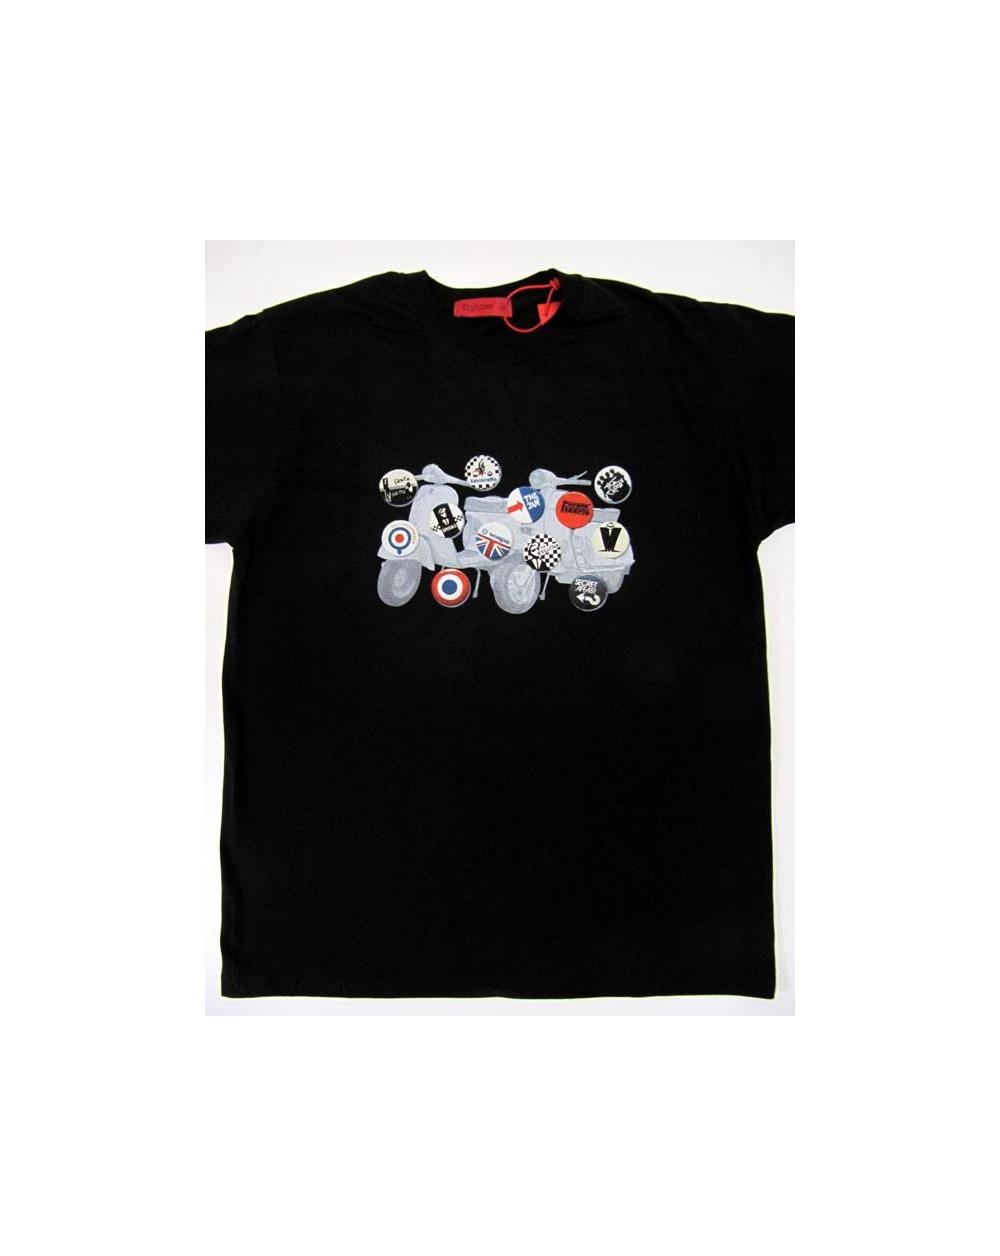 80s Casuals 1979 Mod Design T Shirt Black 80s Casuals T